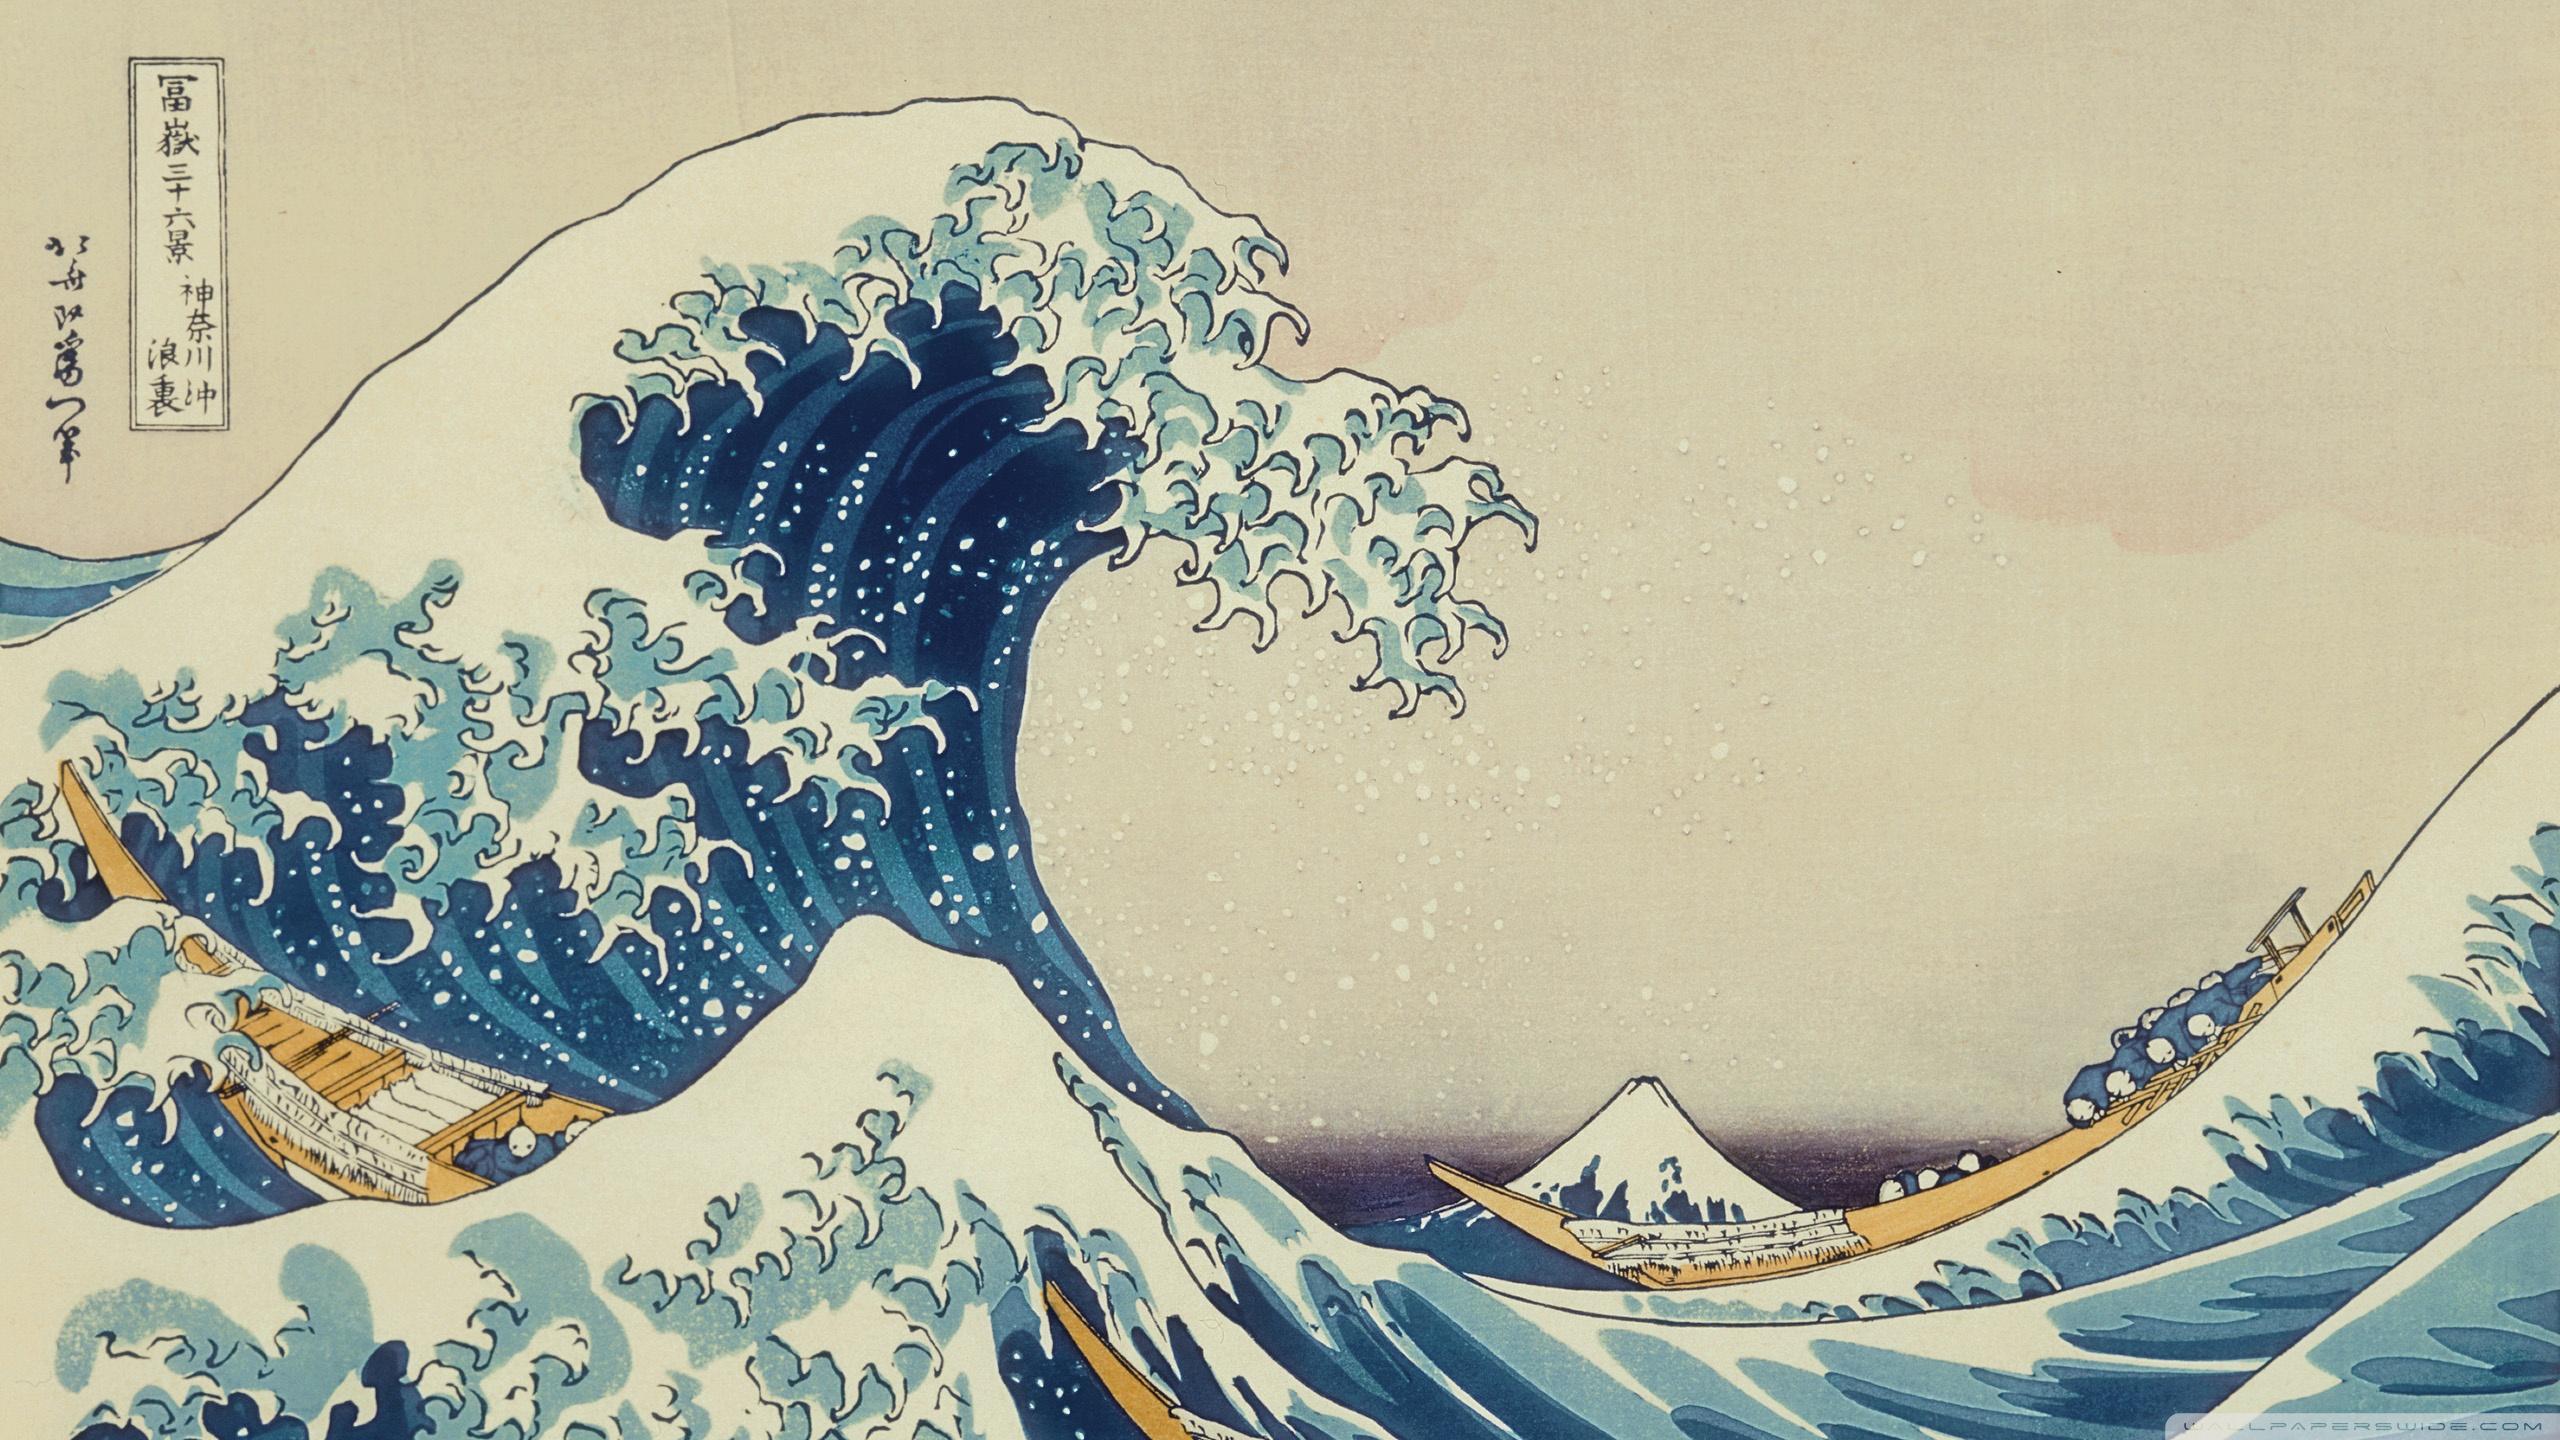 Waves in Sea 4K HD Desktop Wallpaper for 4K Ultra HD TV Wide 2560x1440